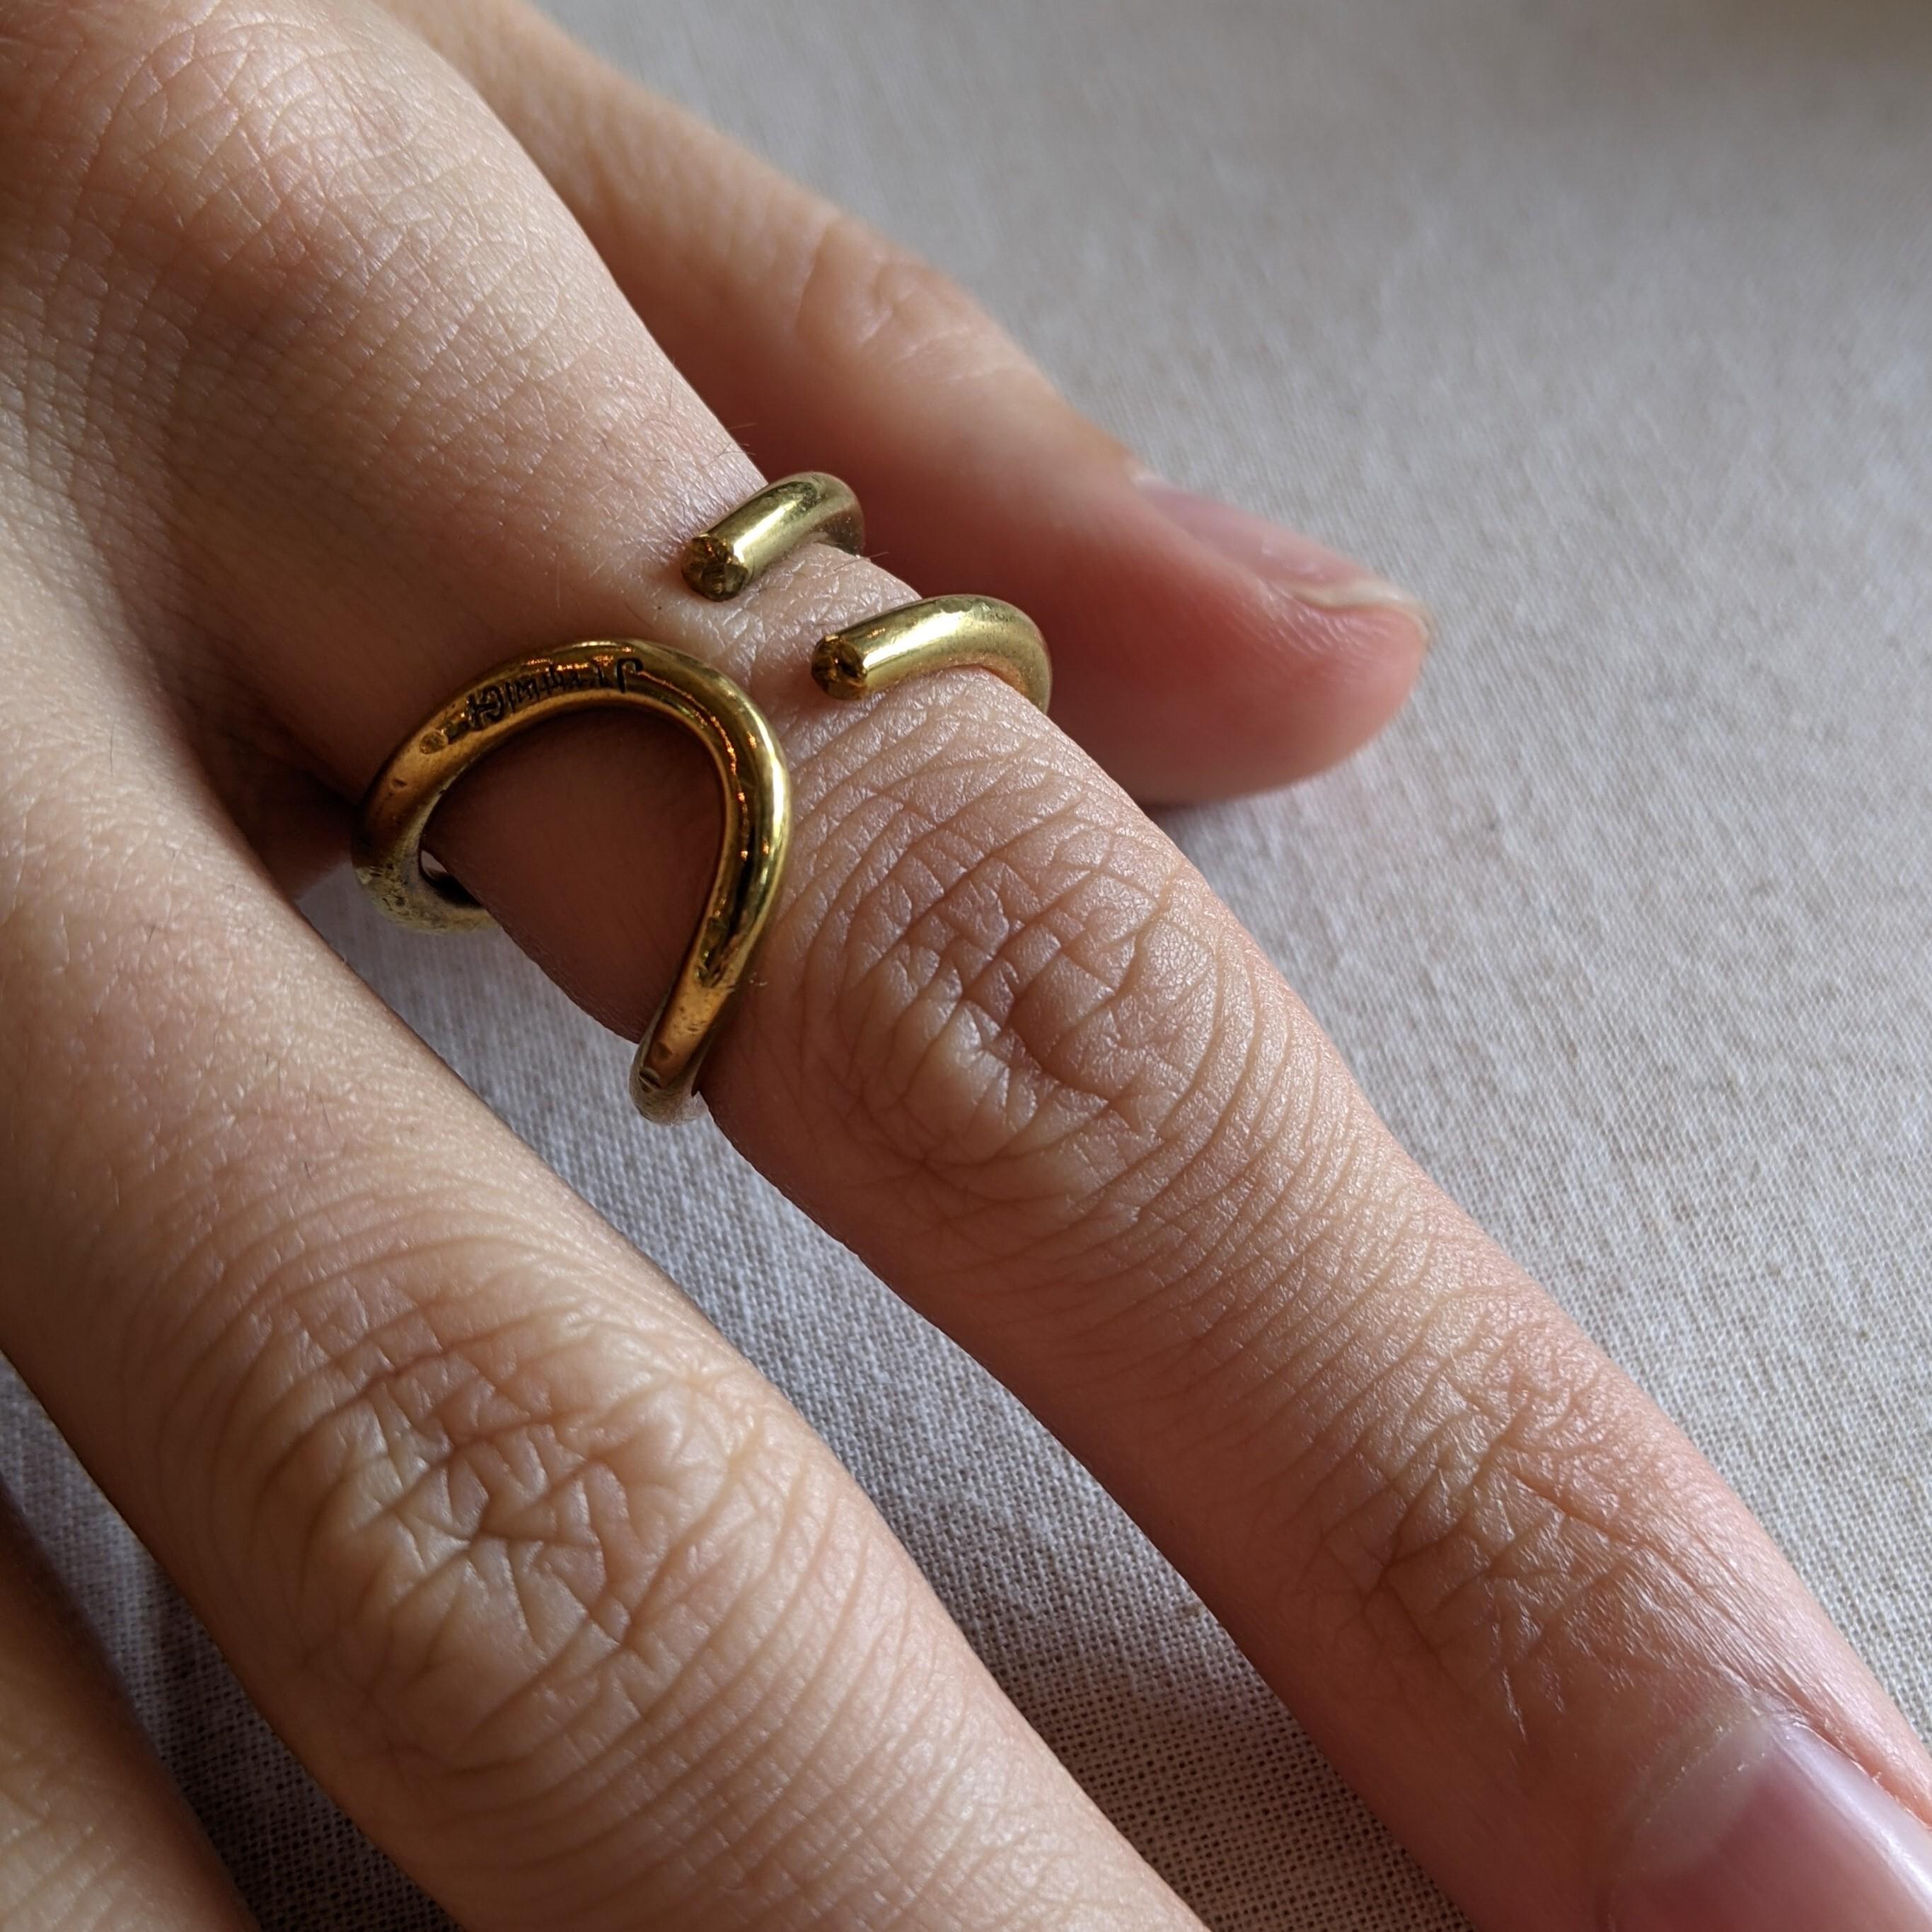 【 jomathwich 】brass ring / R-20  / 真鍮リング / おおよそ16号サイズ